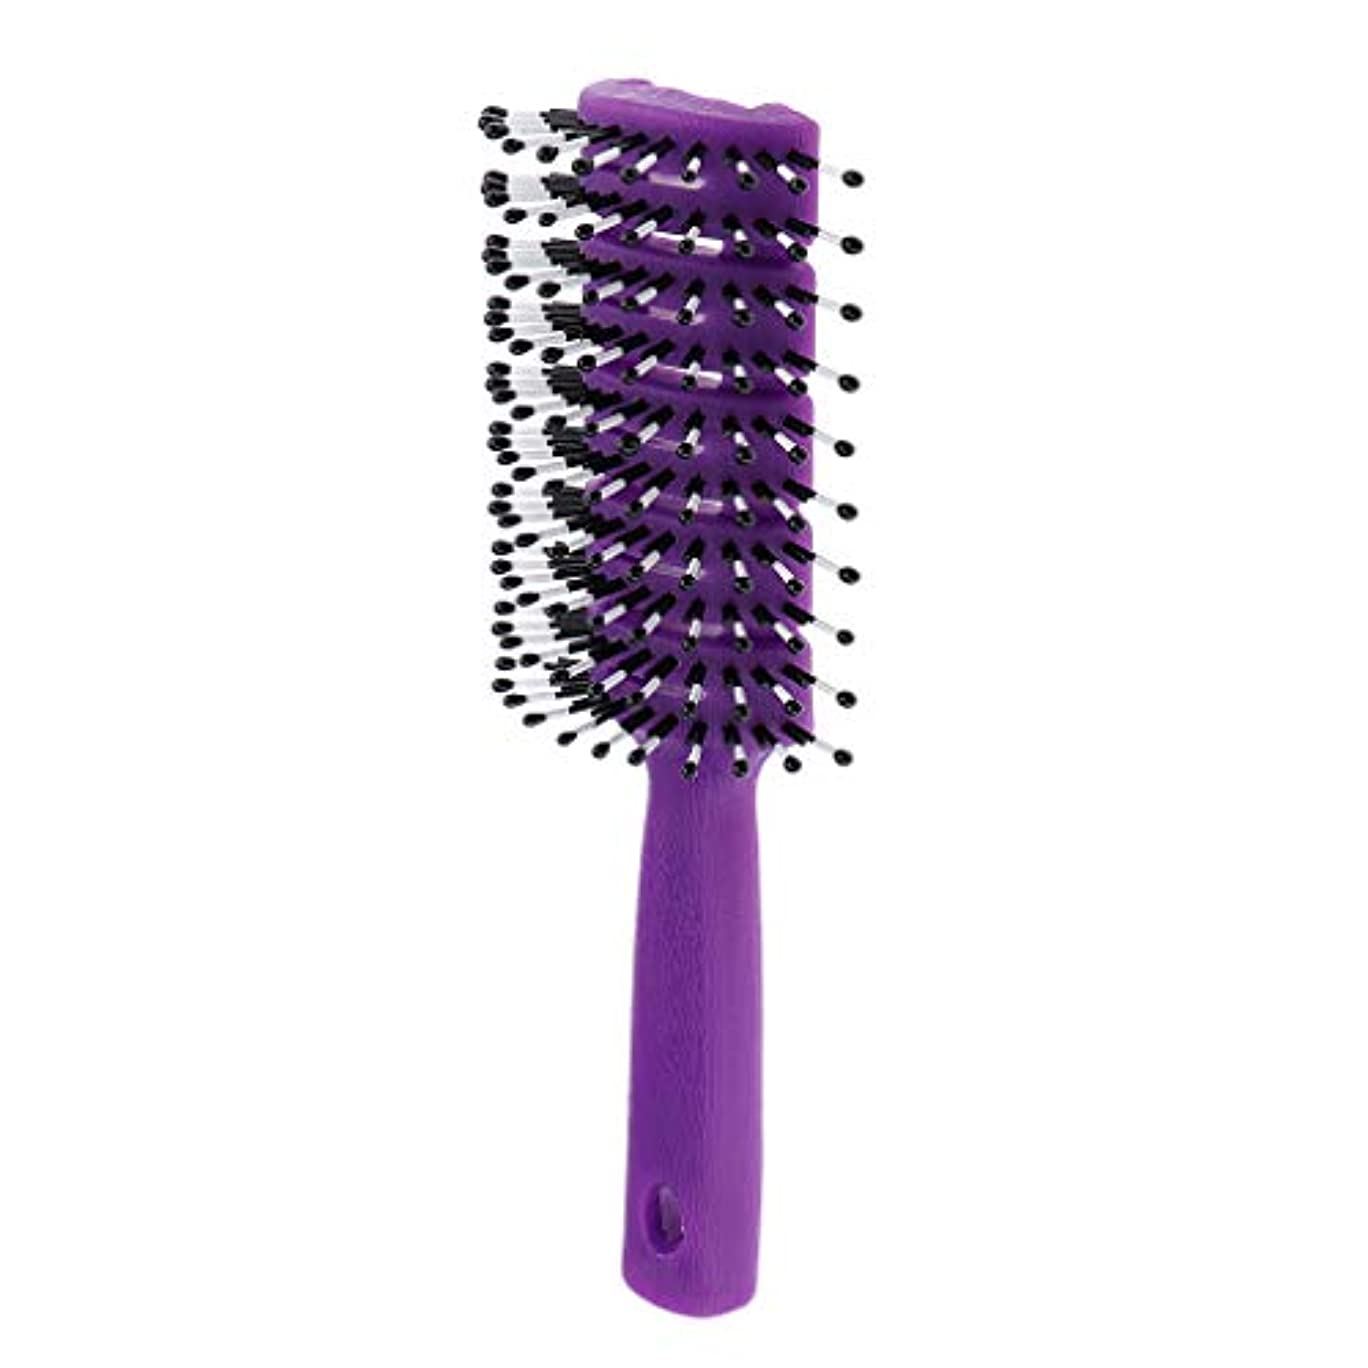 穴赤外線咲くF Fityle ヘアブラシ ユニセックス 静電防止櫛 ヘアケア ヘアスタイリング ヘアコーム 3色選べ - 紫